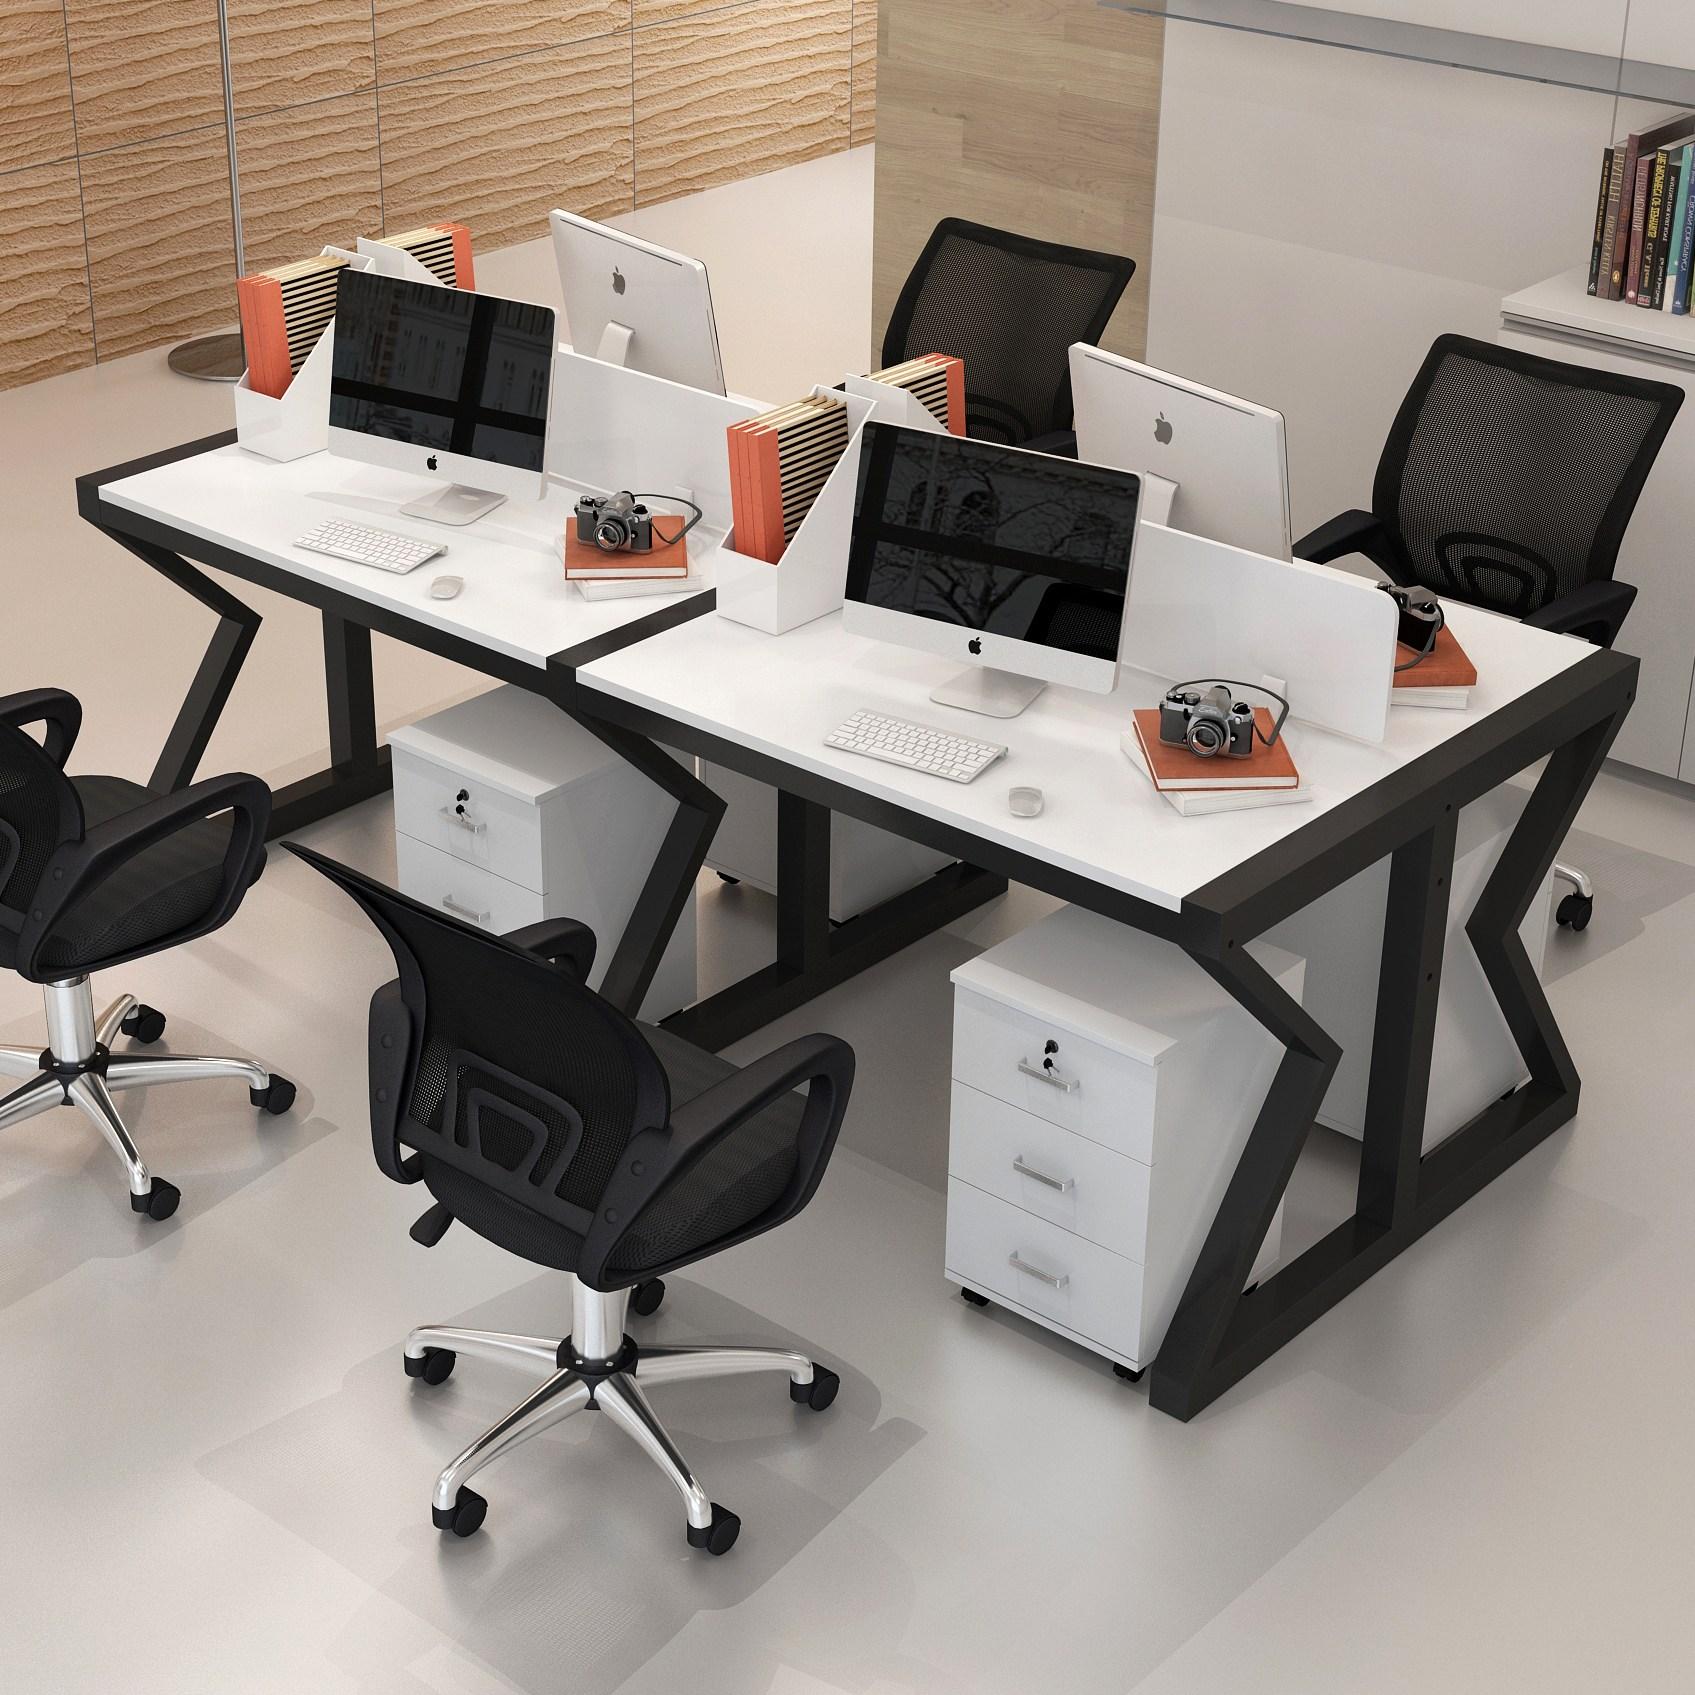 사무용의자 사무실테이블 의자조합 직원 작업공간 사륙 인용, T20-4인용 상자 함유 의자(컬러)